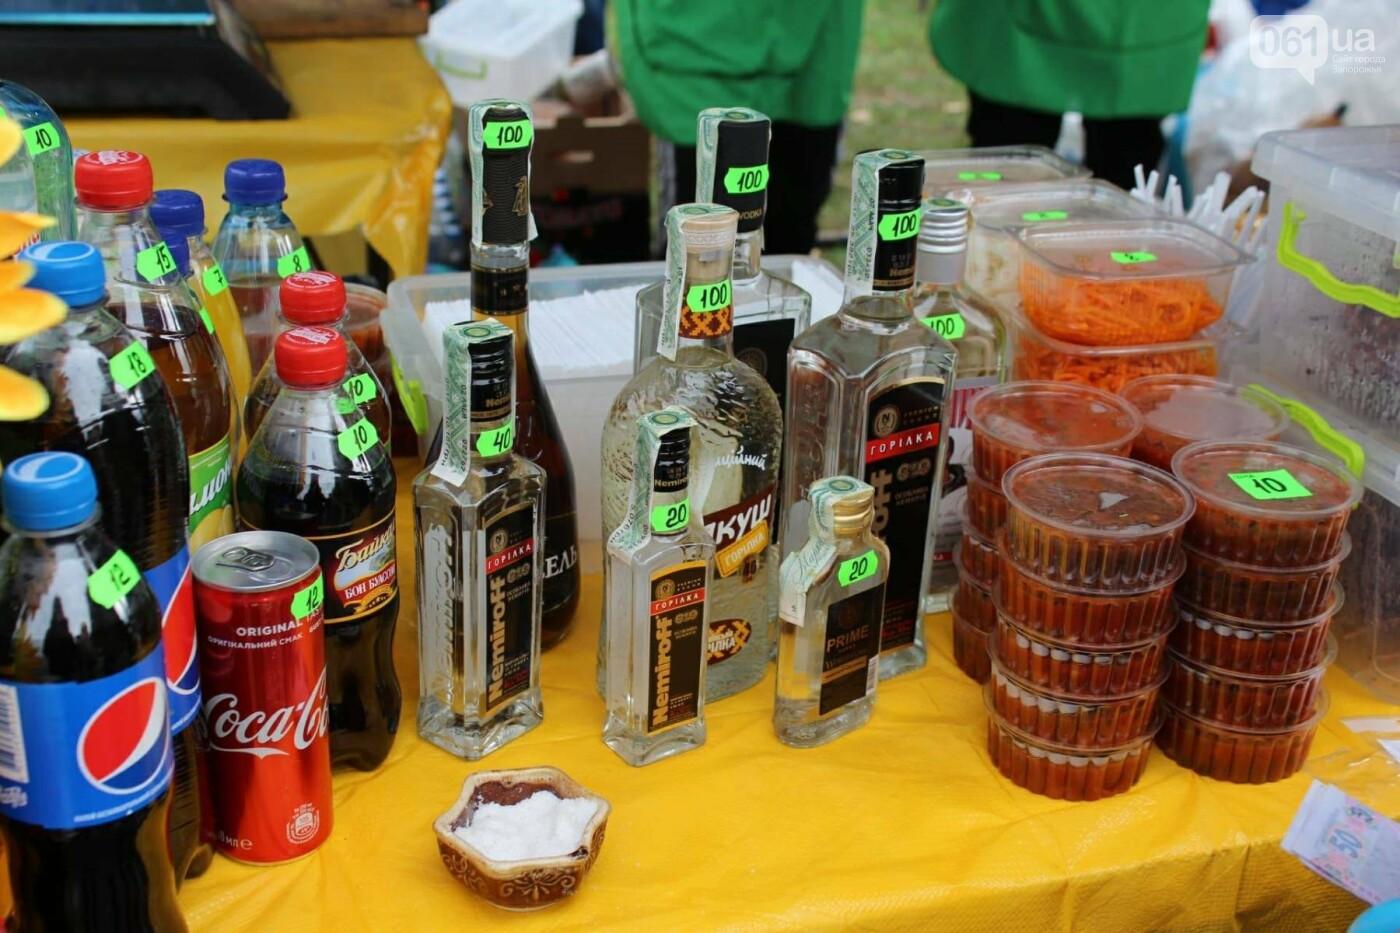 На Покровской ярмарке, несмотря на запрет, с самого утра продают алкоголь, - ФОТО, фото-3